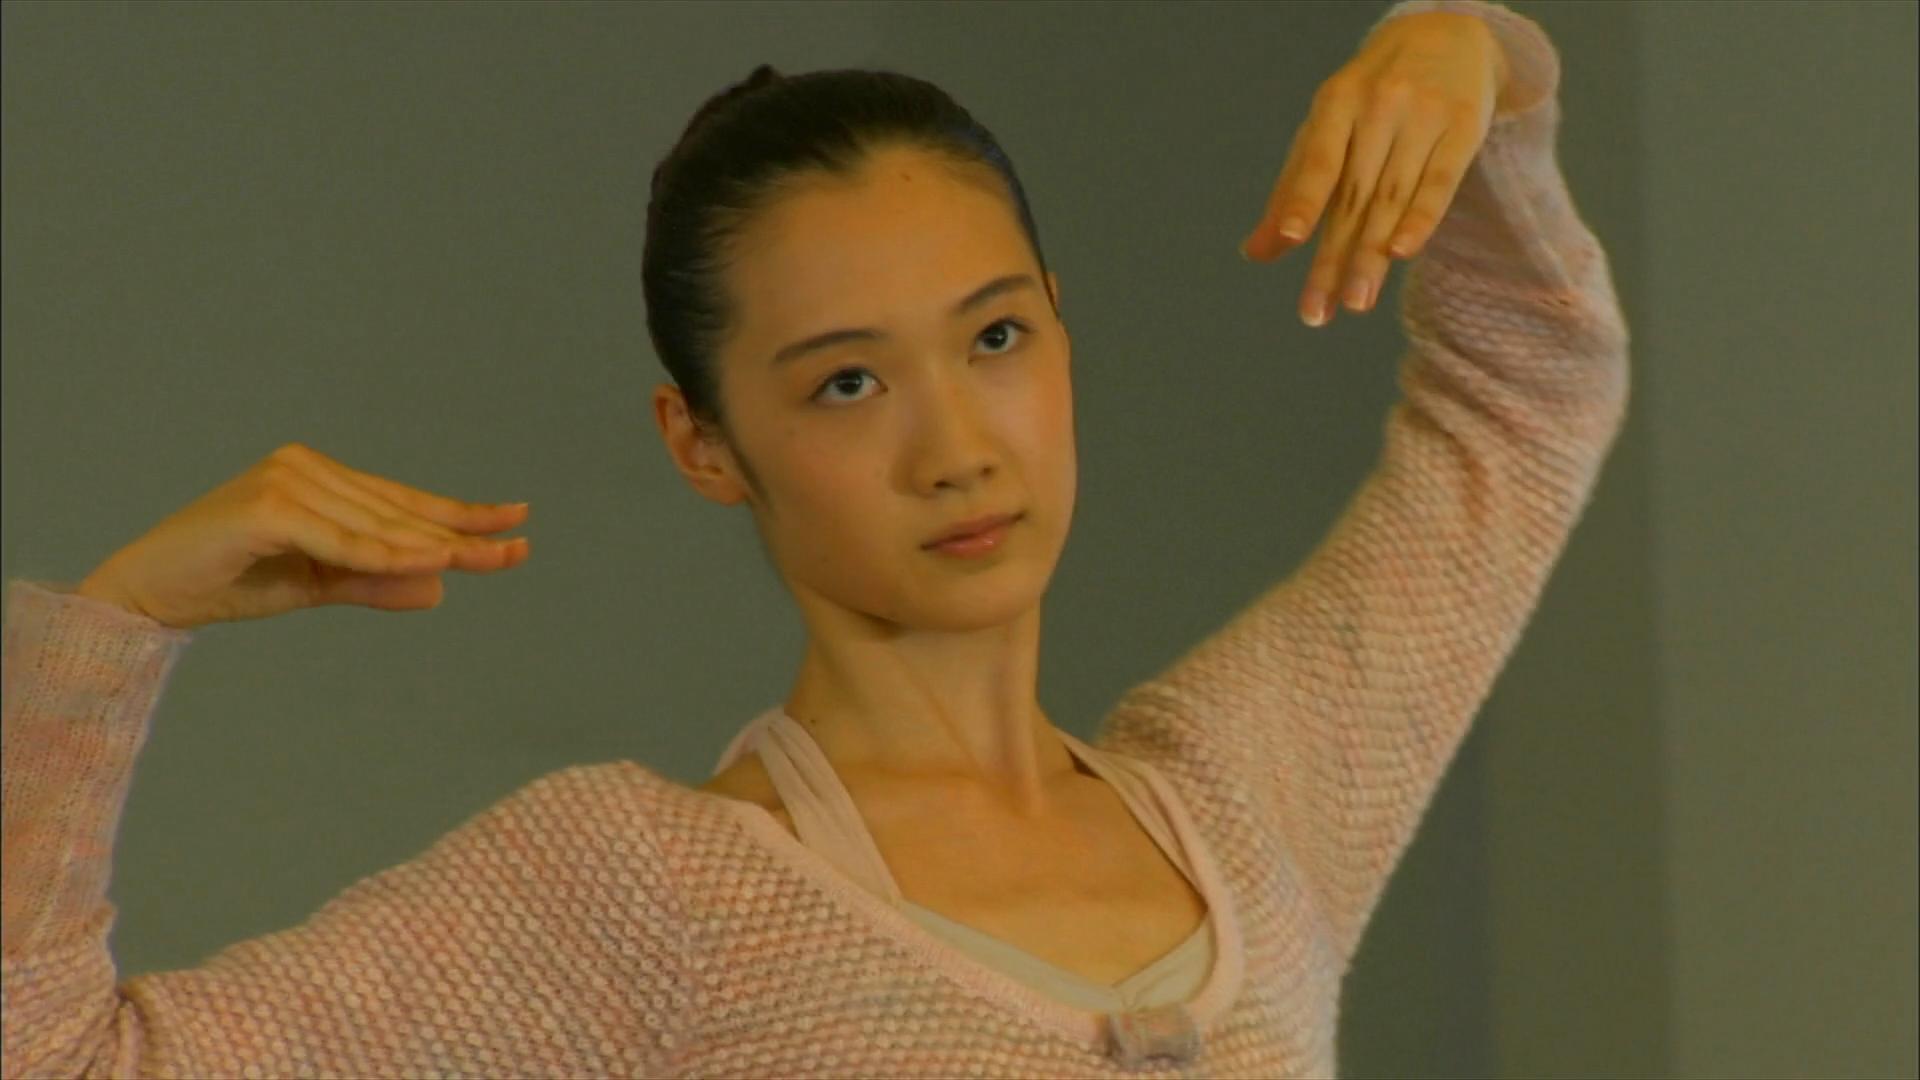 Yoshino Akechi